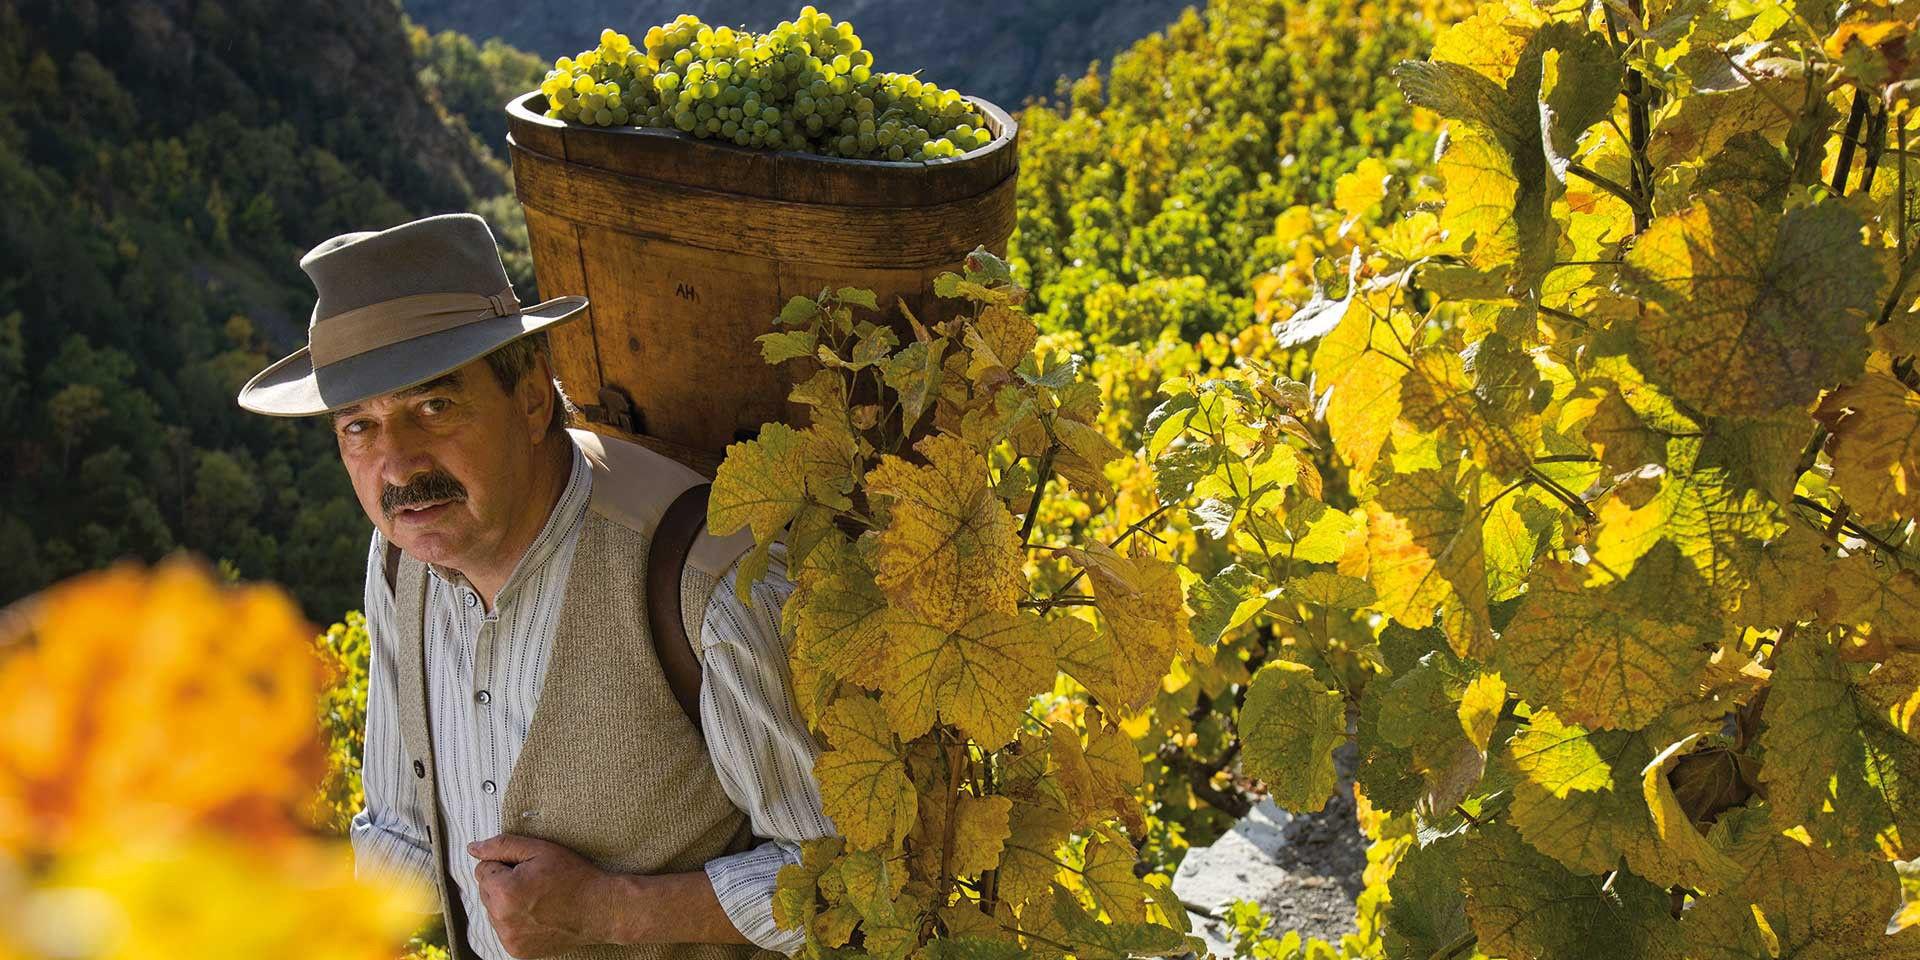 St. Jodern Weinkellerei